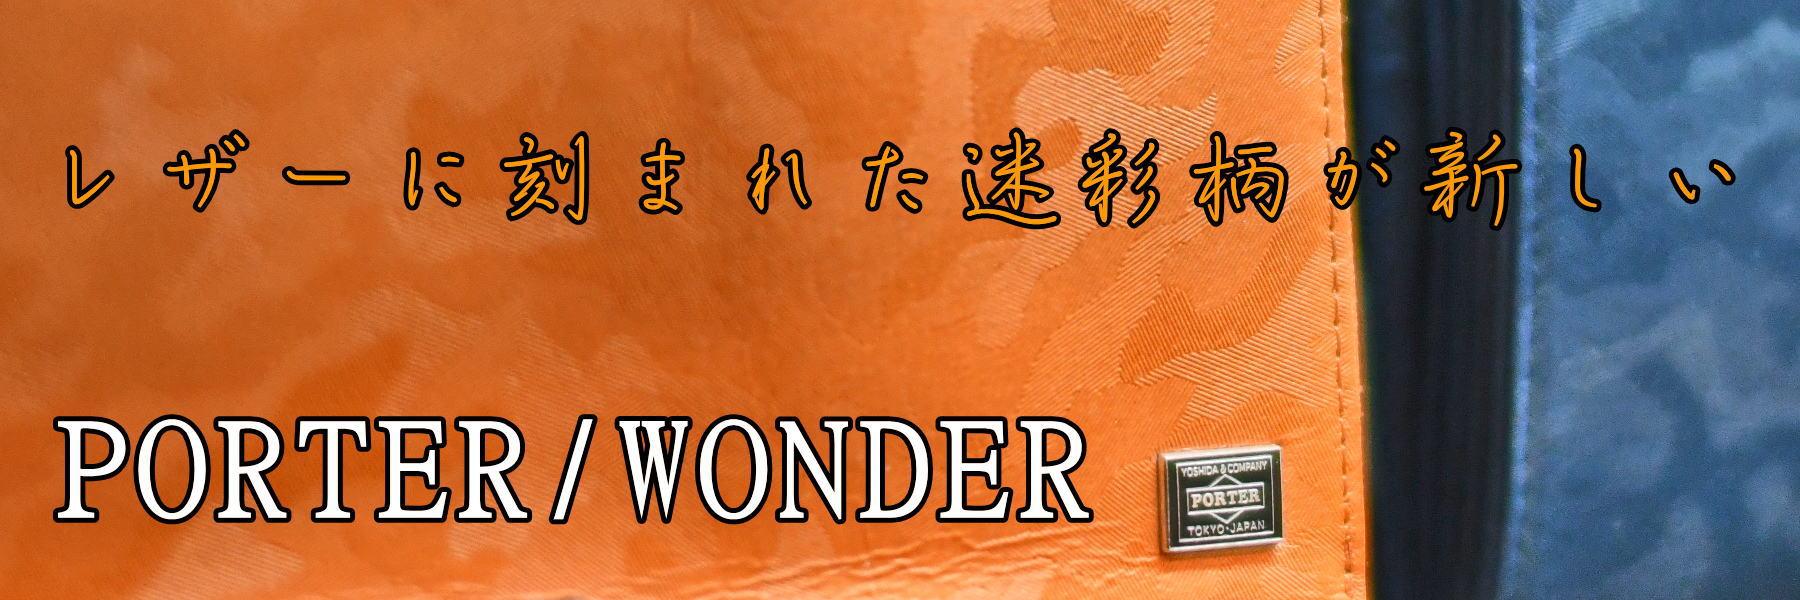 ポーター/ワンダー